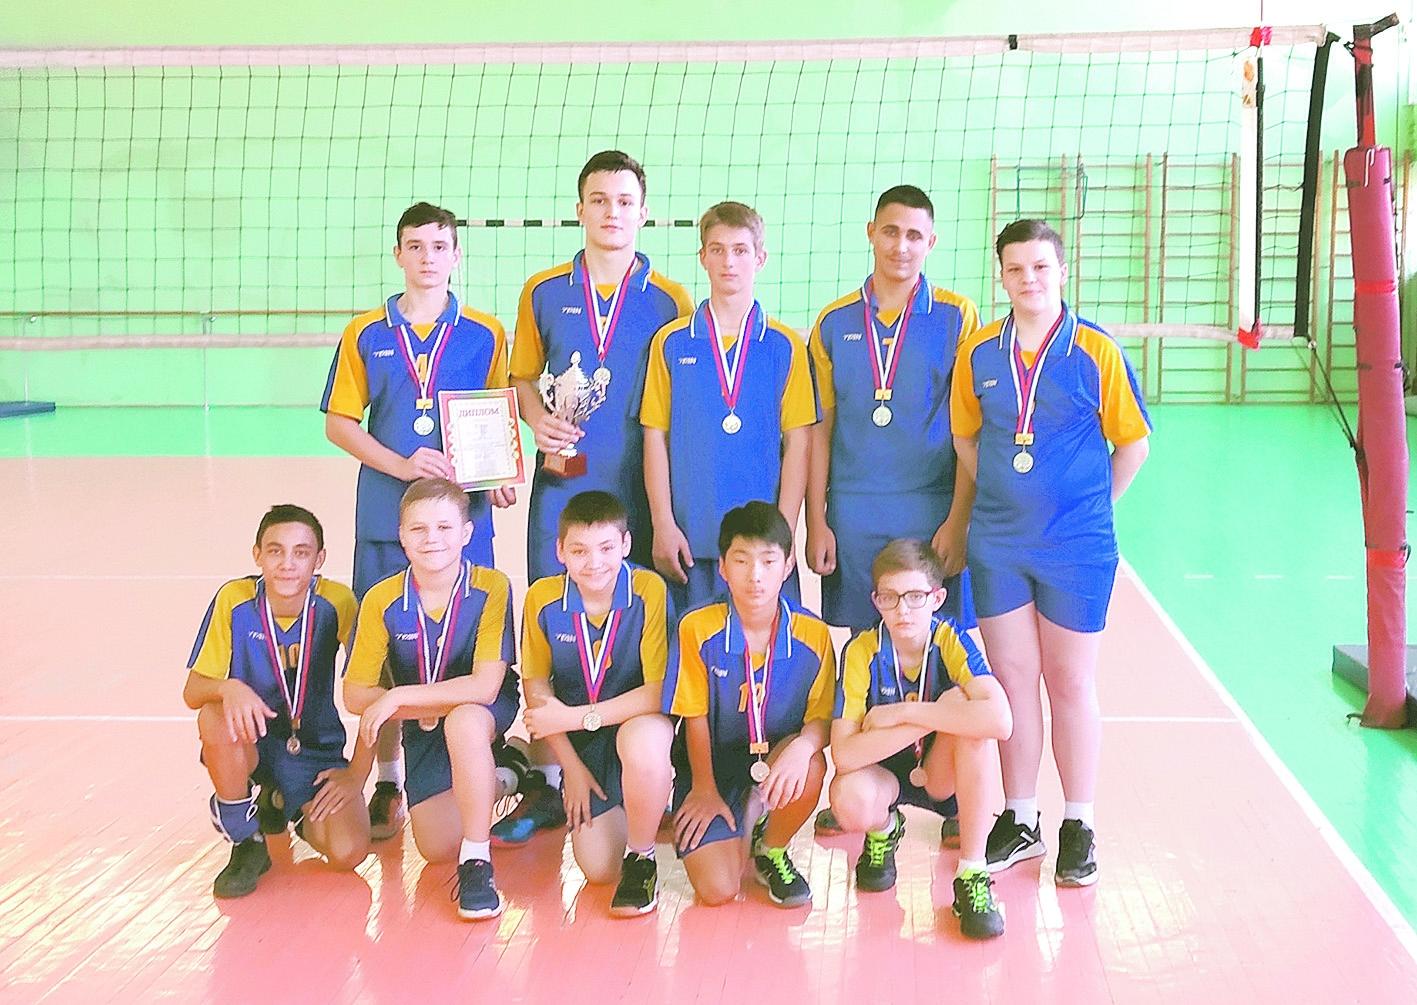 Белокалитвинские спортсмены —  серебряные призеры открытого первенства района по волейболу